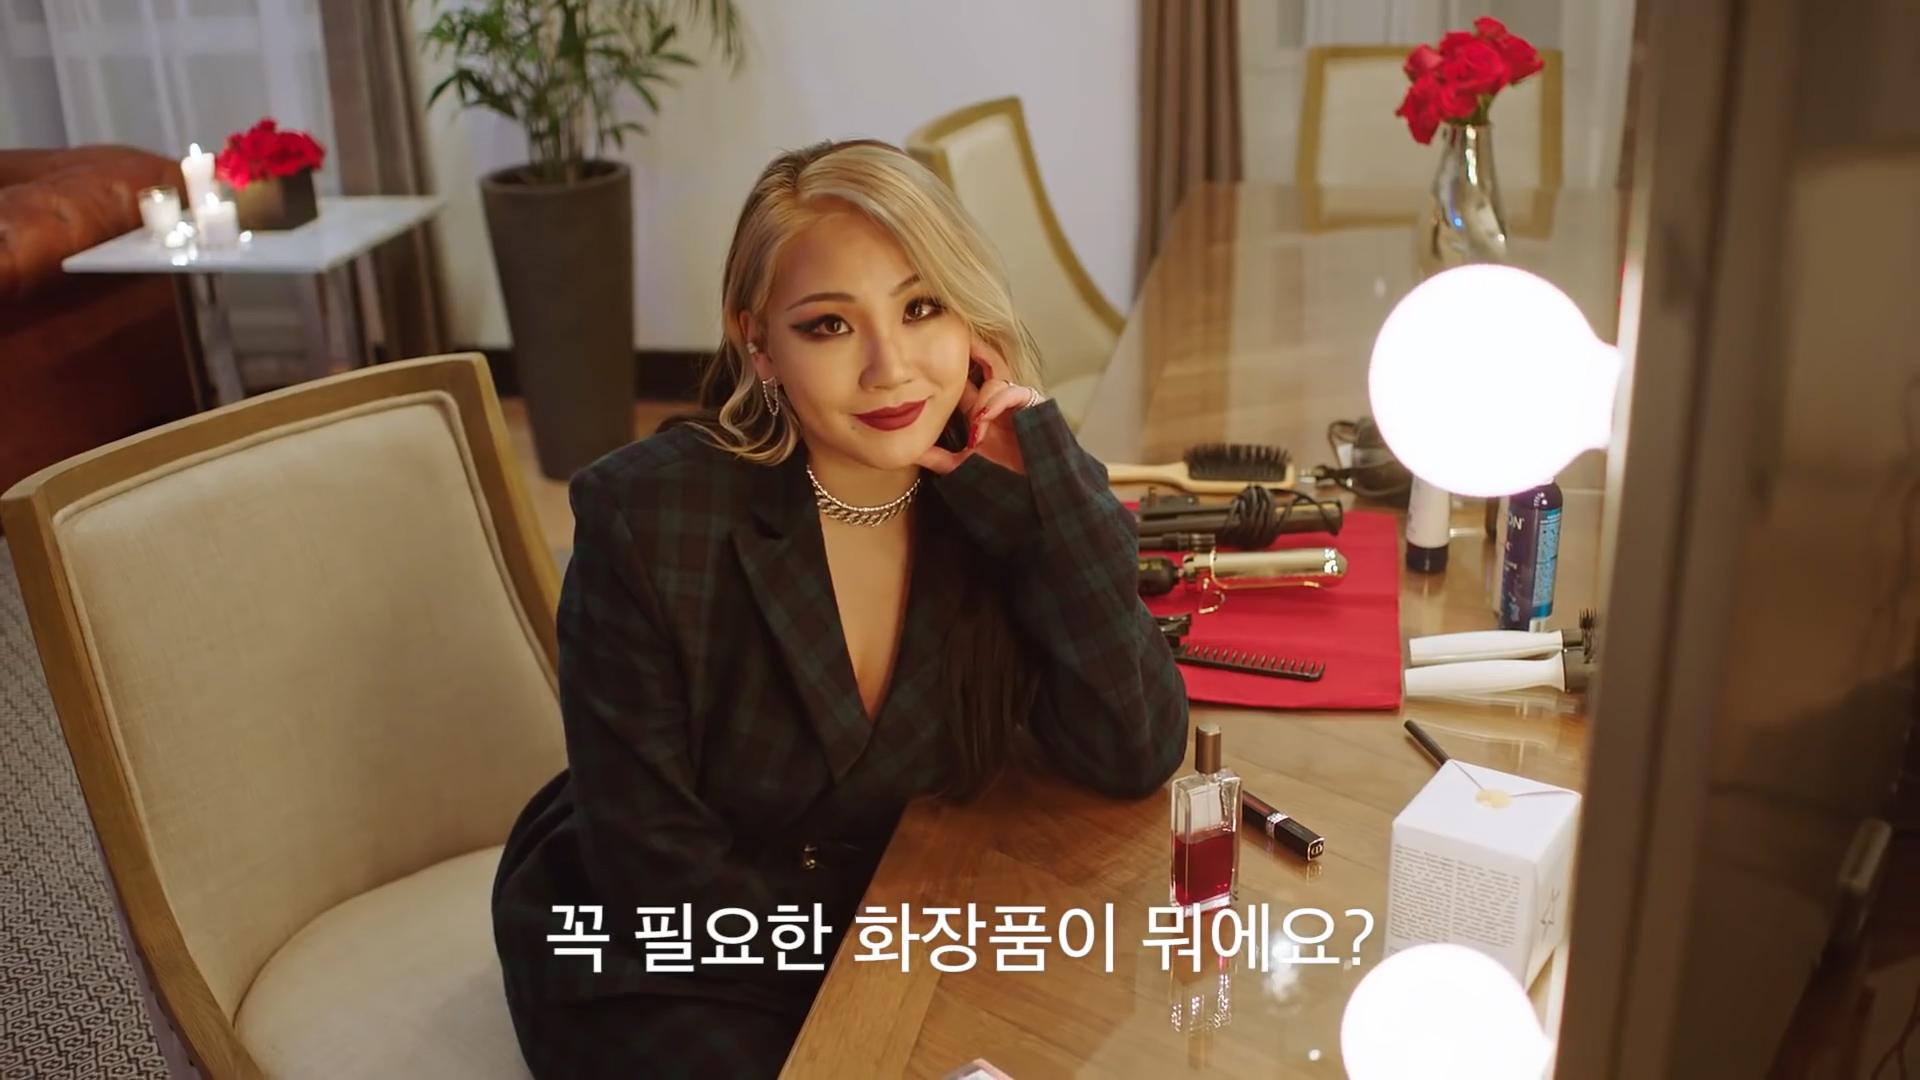 [2] [Vogue] CL